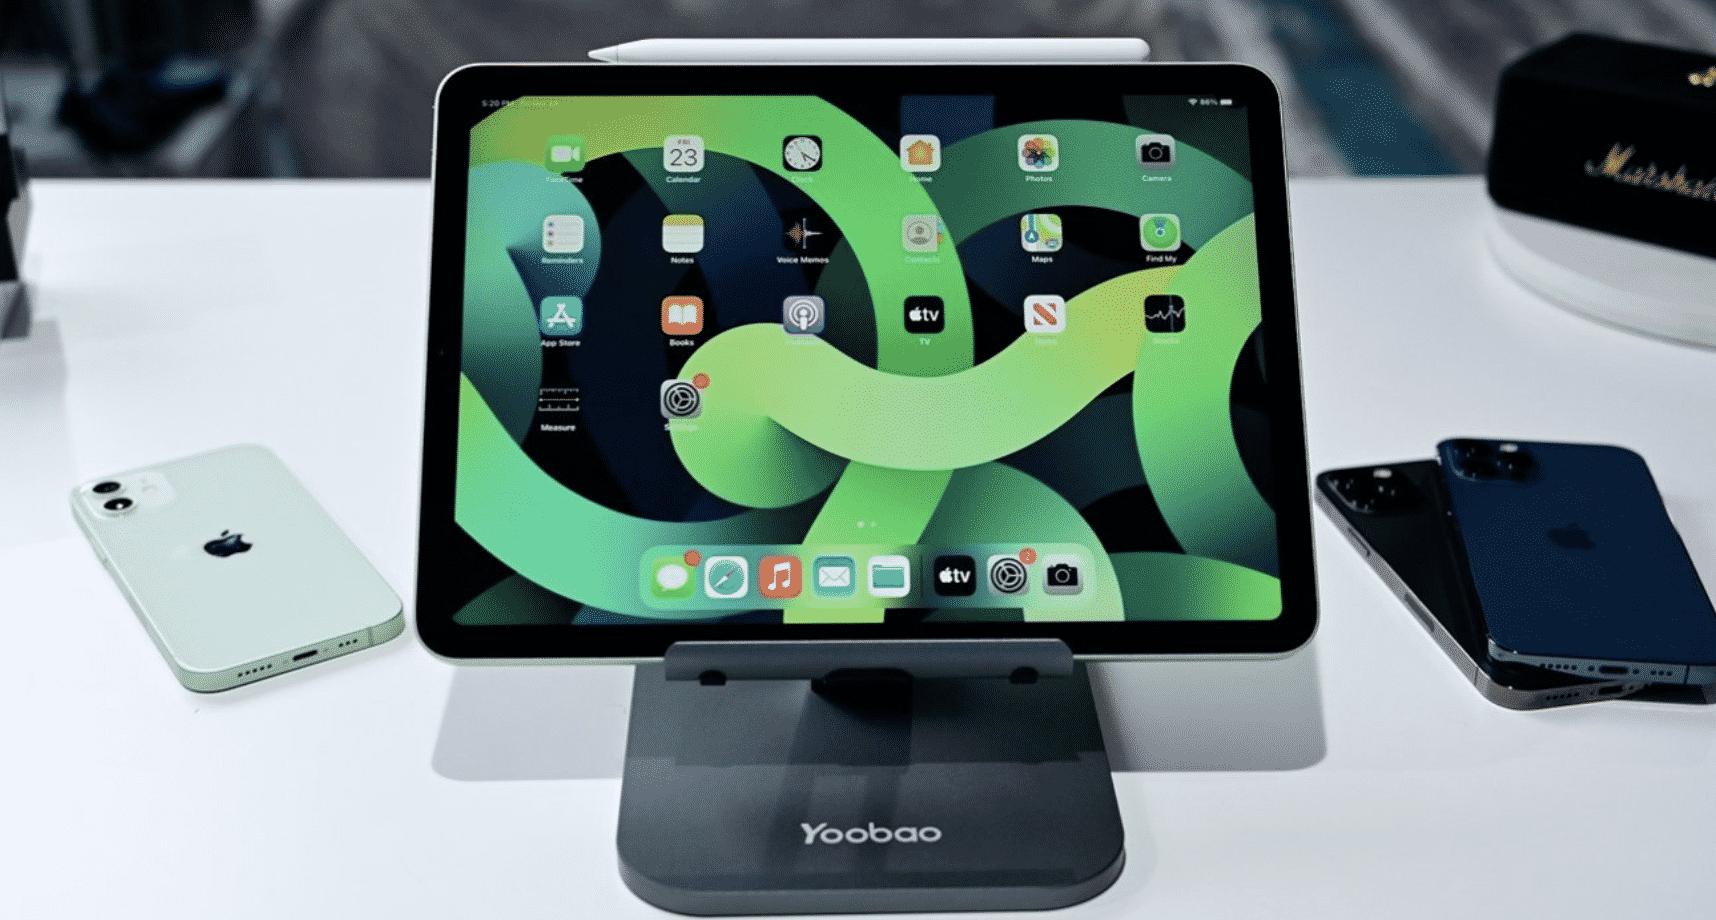 iPad Airs